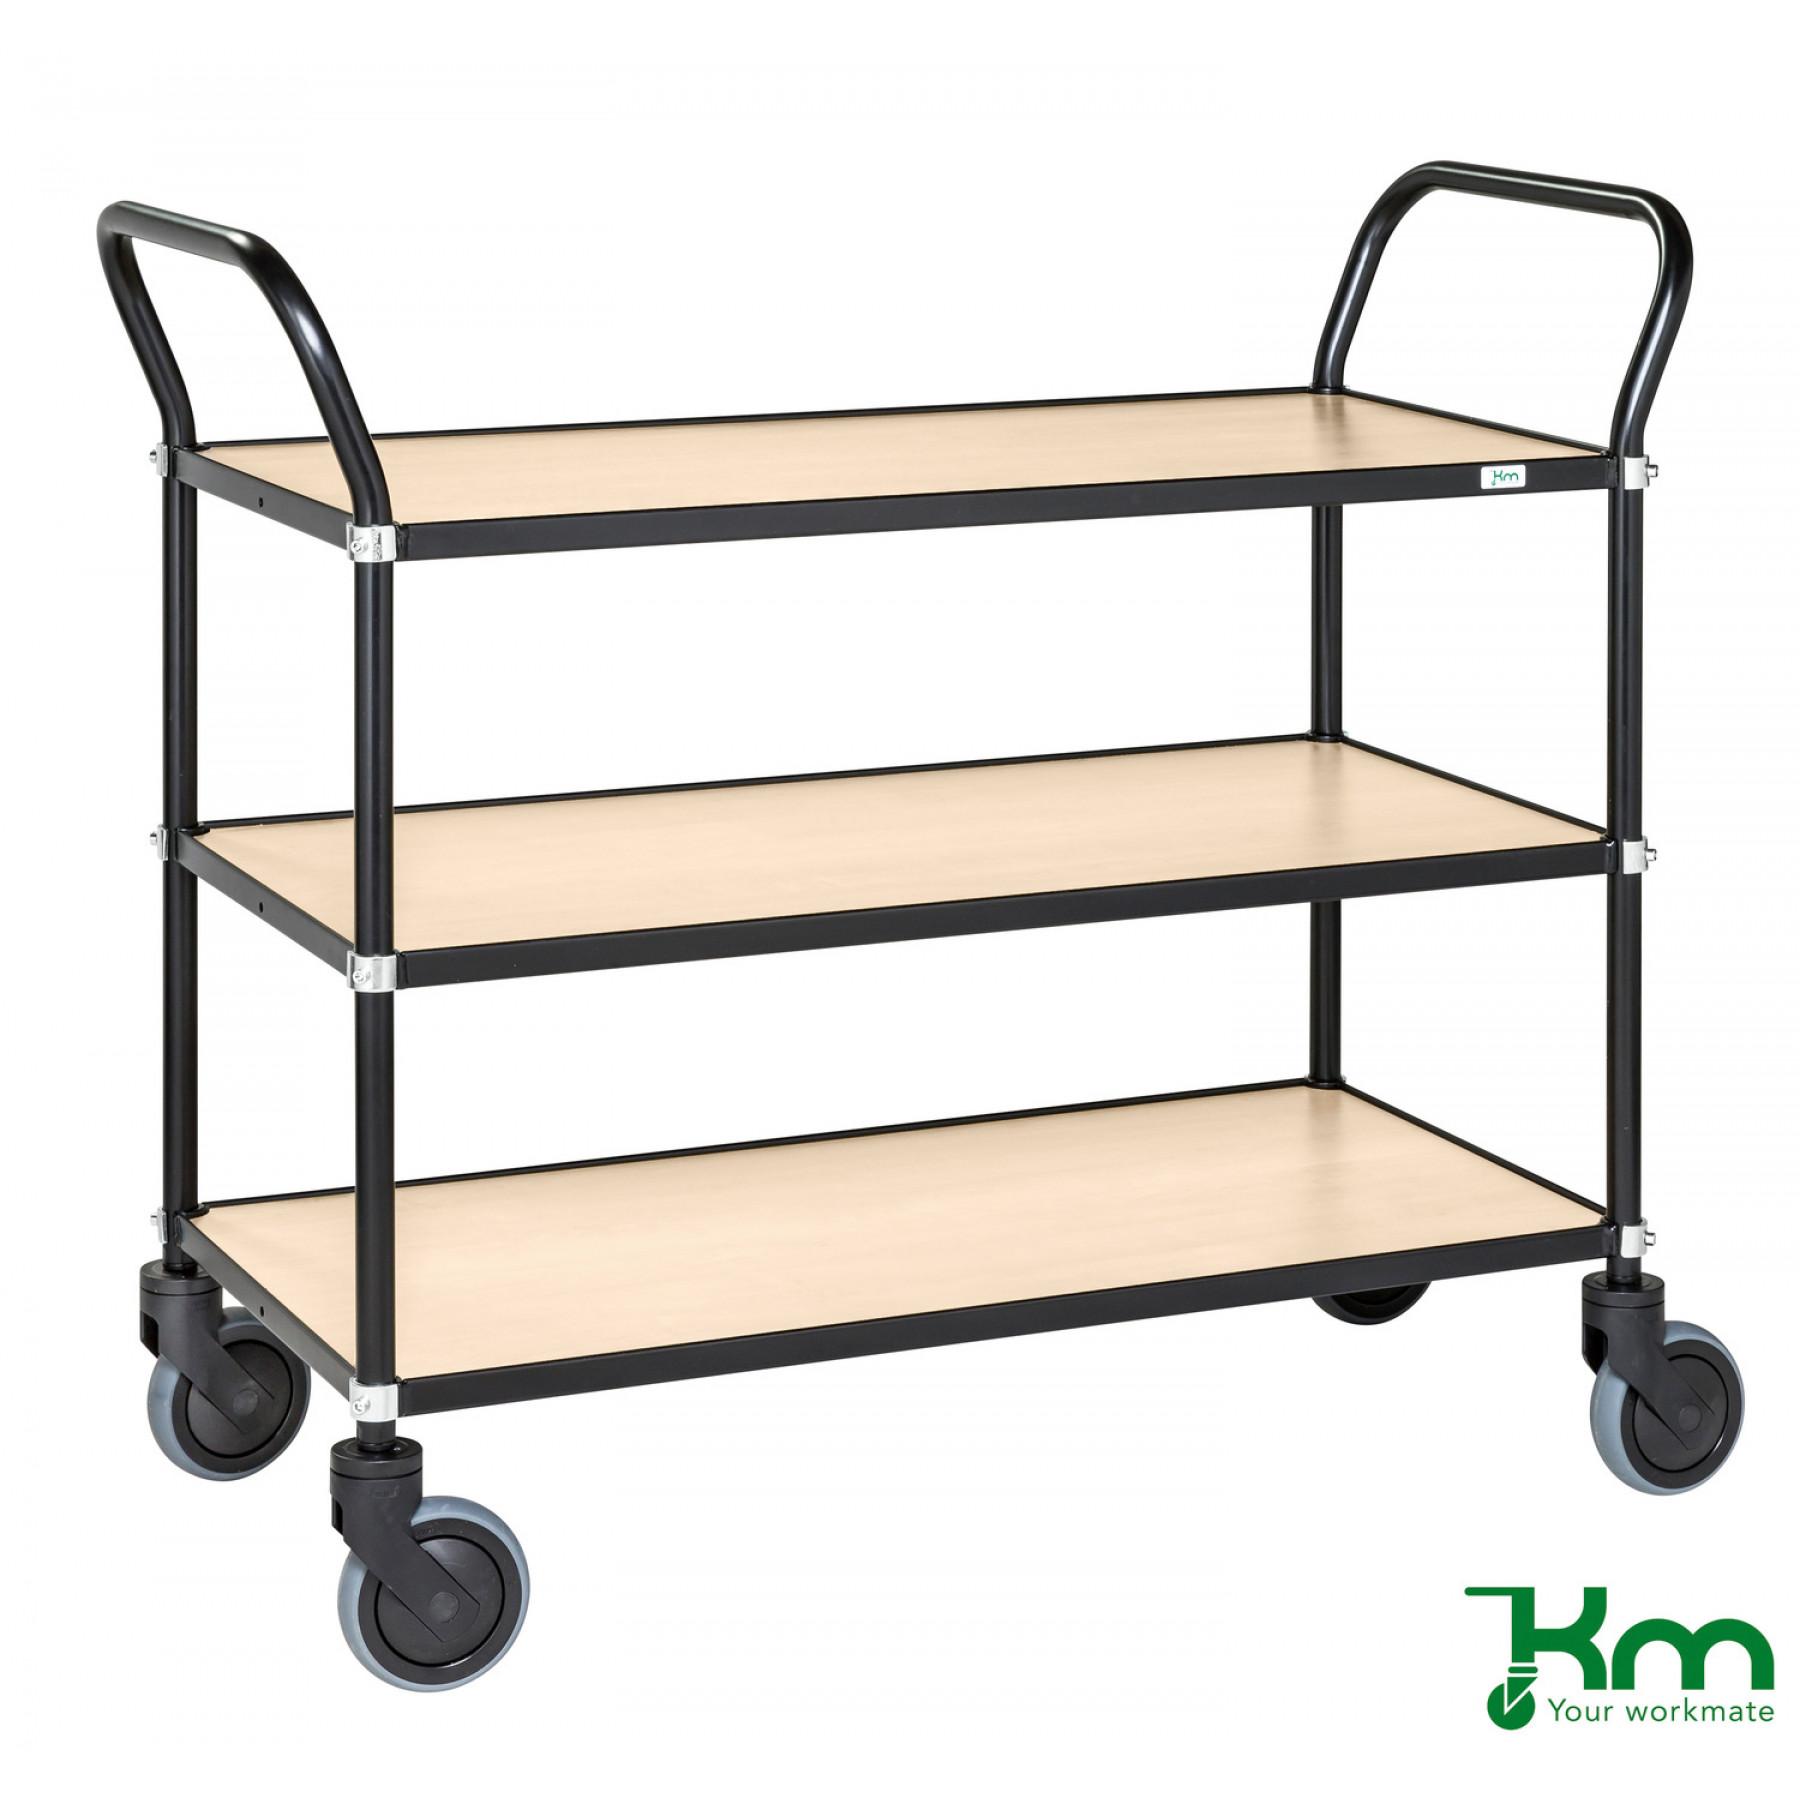 Design tafelwagen met berkenstructuur toplaag, KM 8113-BJ